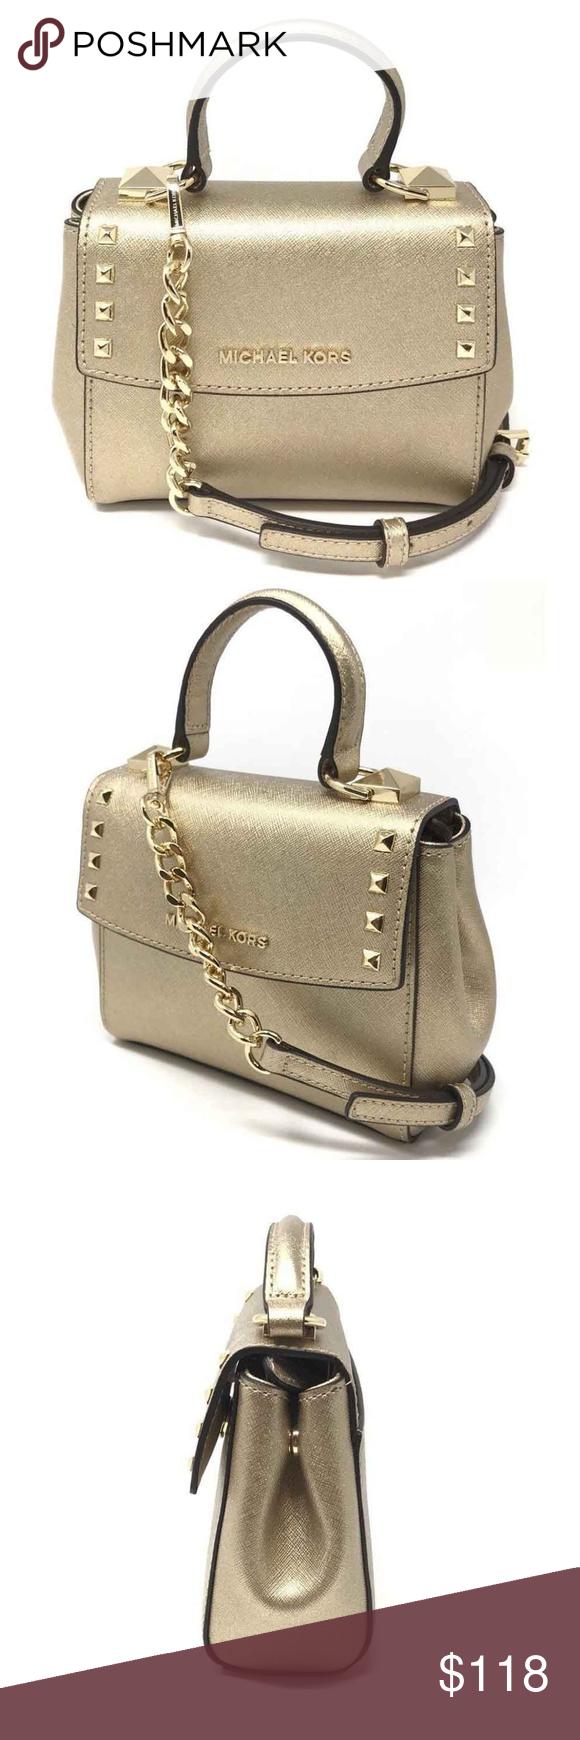 964a5e6e968a Michael Kors Karla Mini Convertible Crossbody Bag Michael Kors Karla Mini  Convertible Top Handle Crossbody Handbag